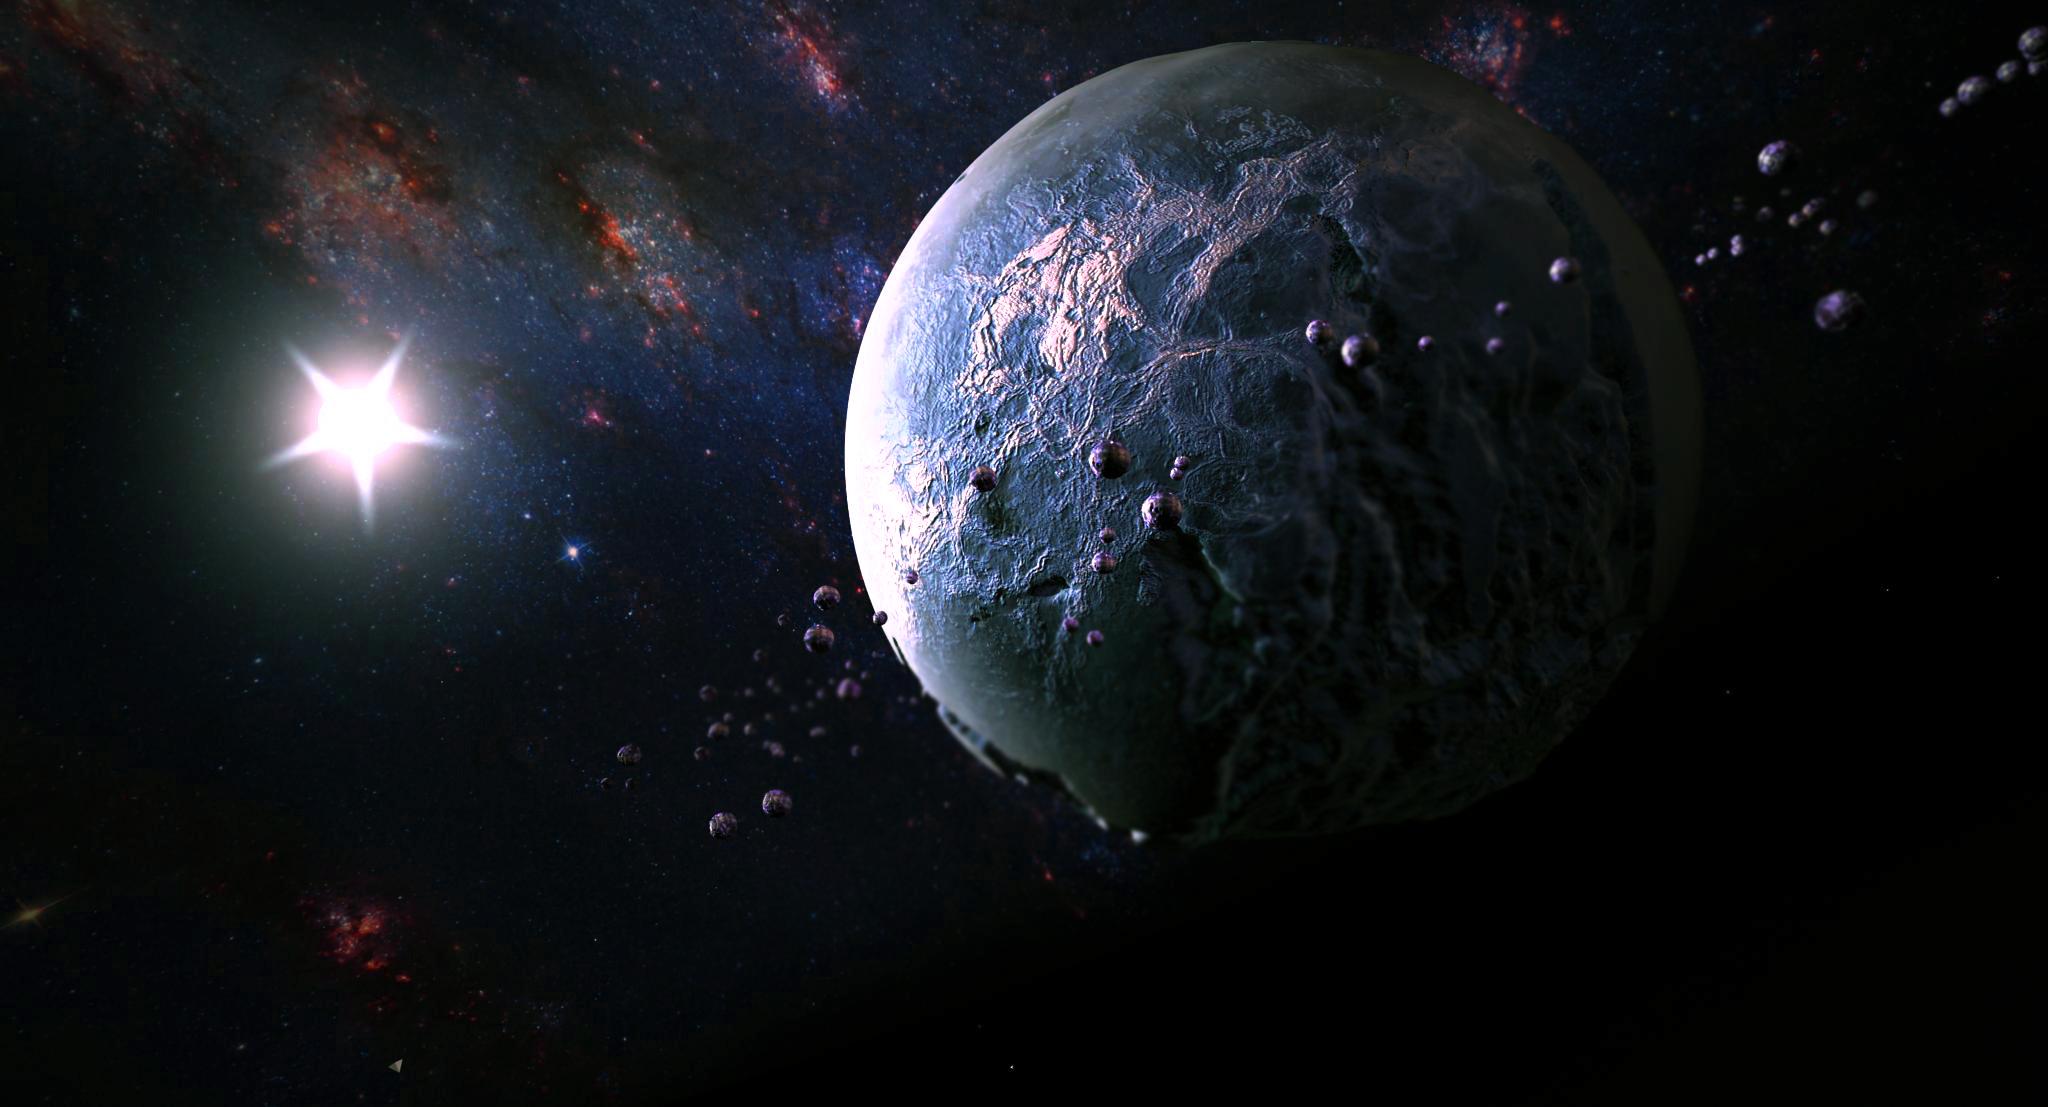 space planet2jpg.jpg